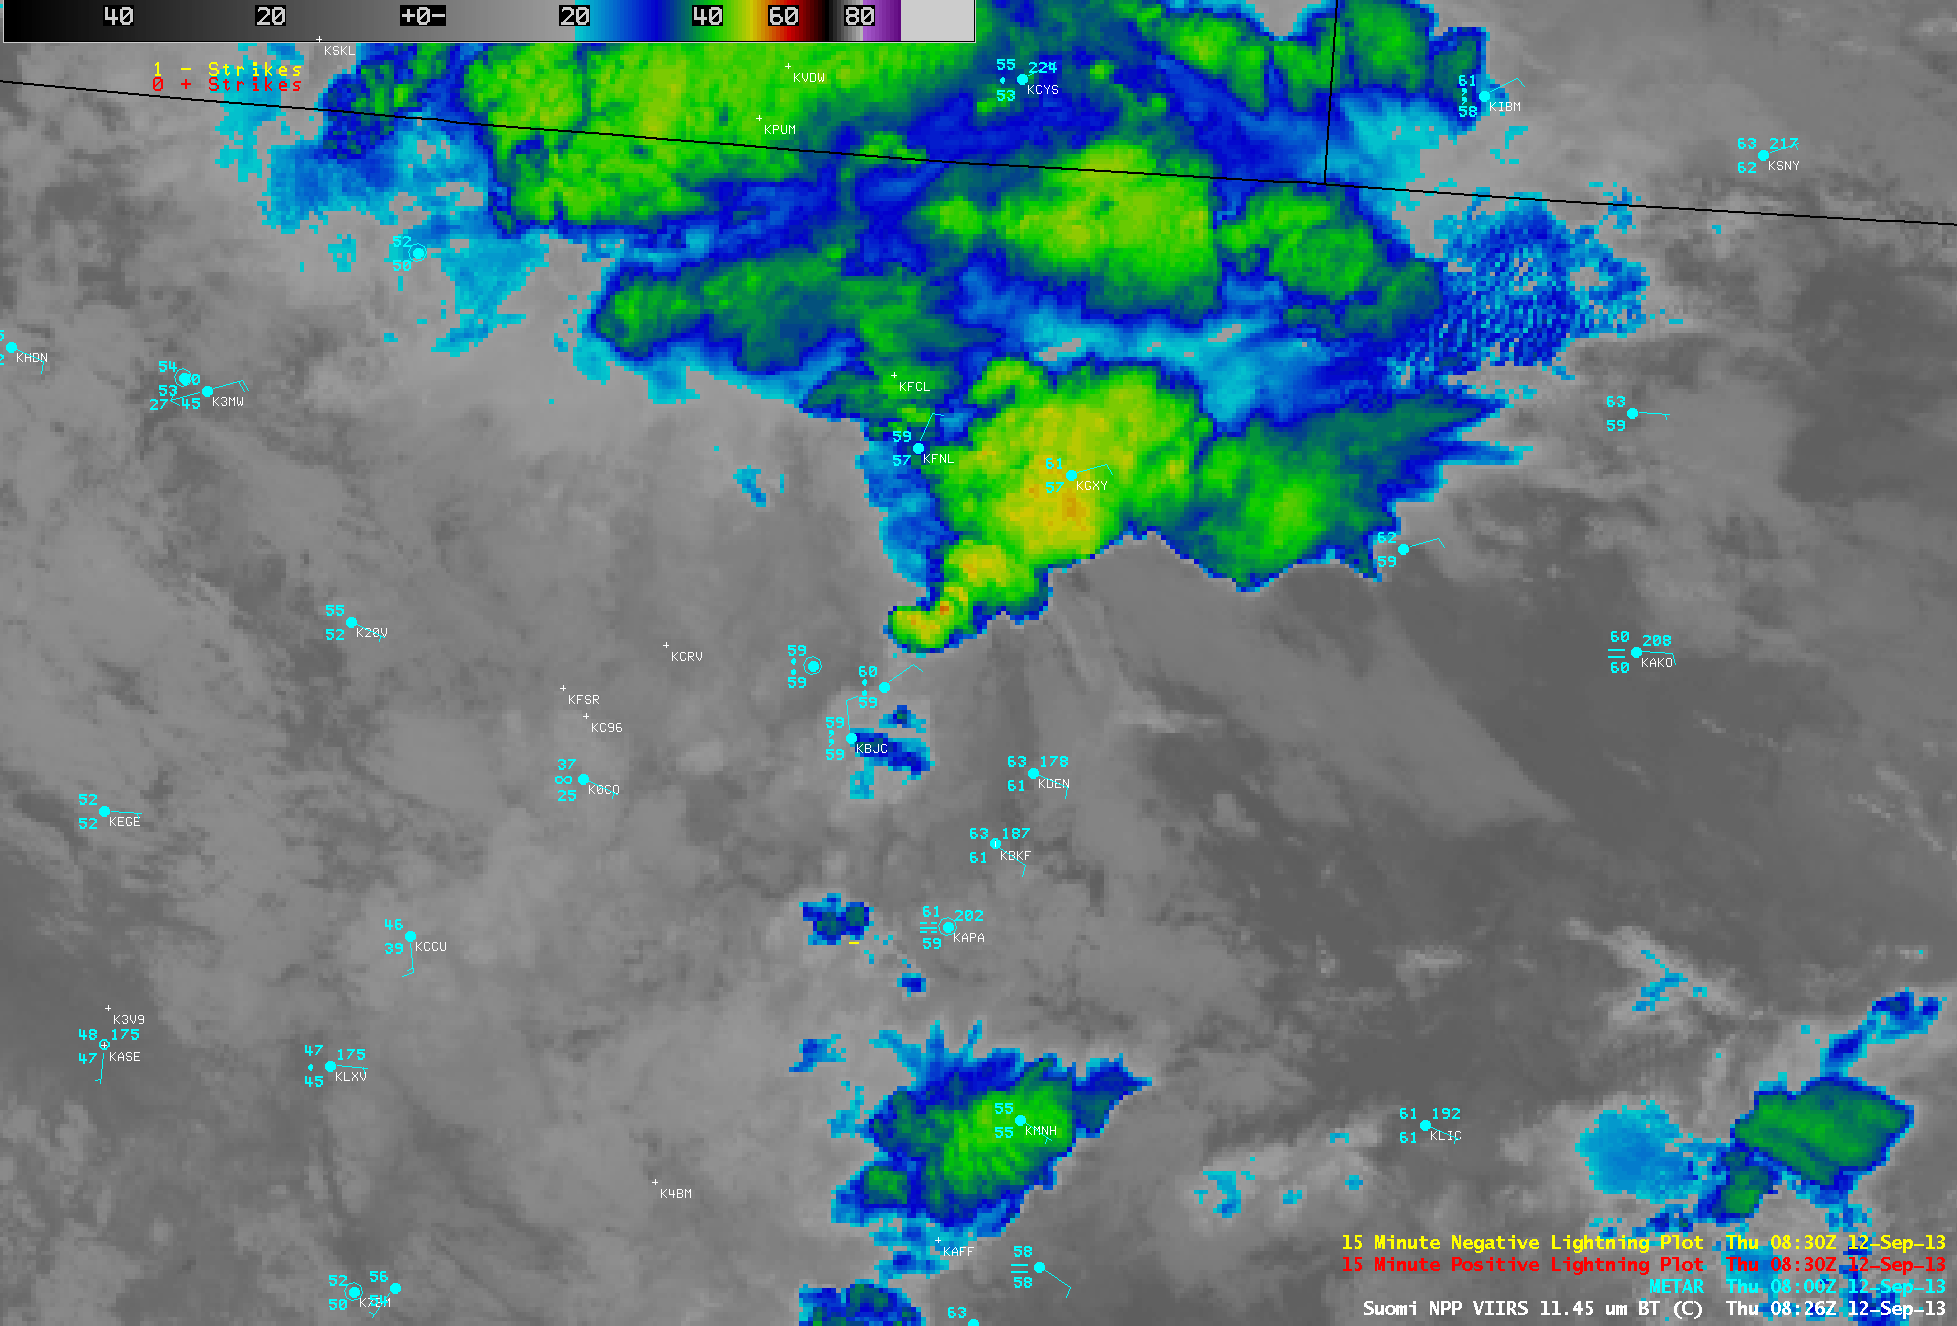 Suomi/NPP VIIRS 11.45 µm IR imagery at 0826 UTC